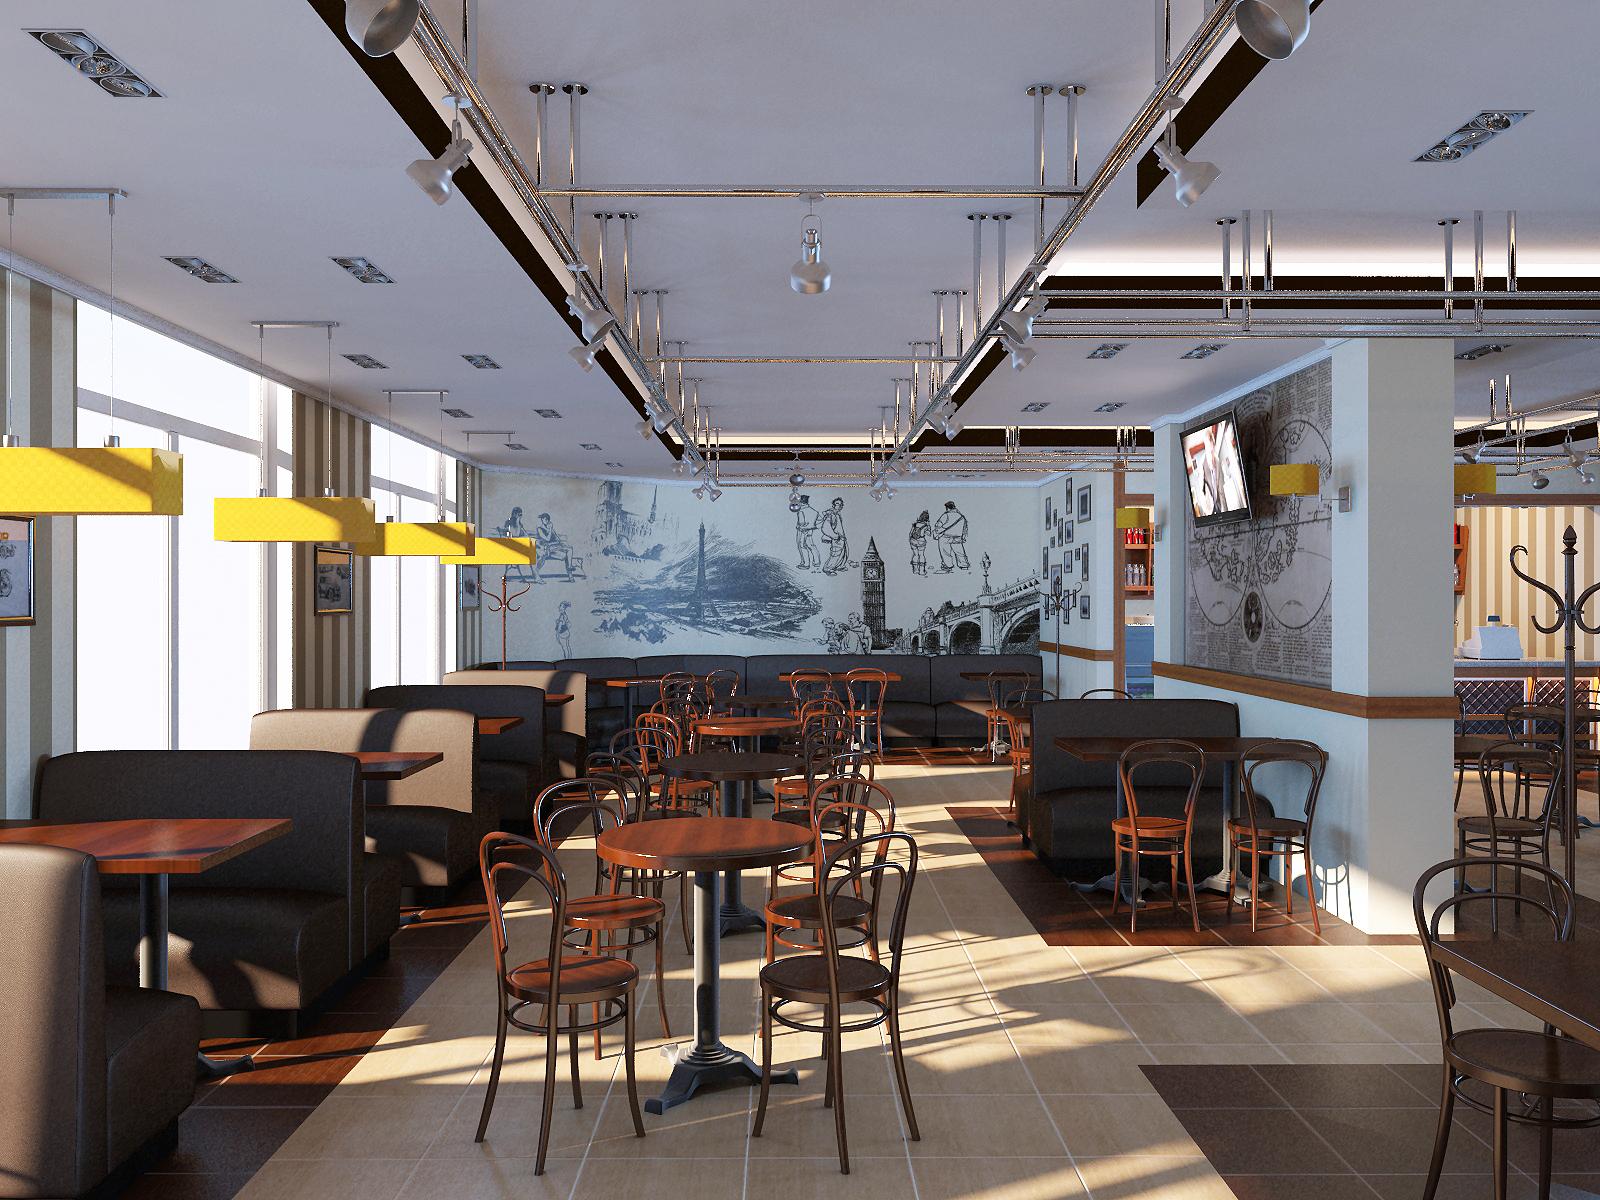 картинки фото интерьеров кафе барельеф объемными цветами